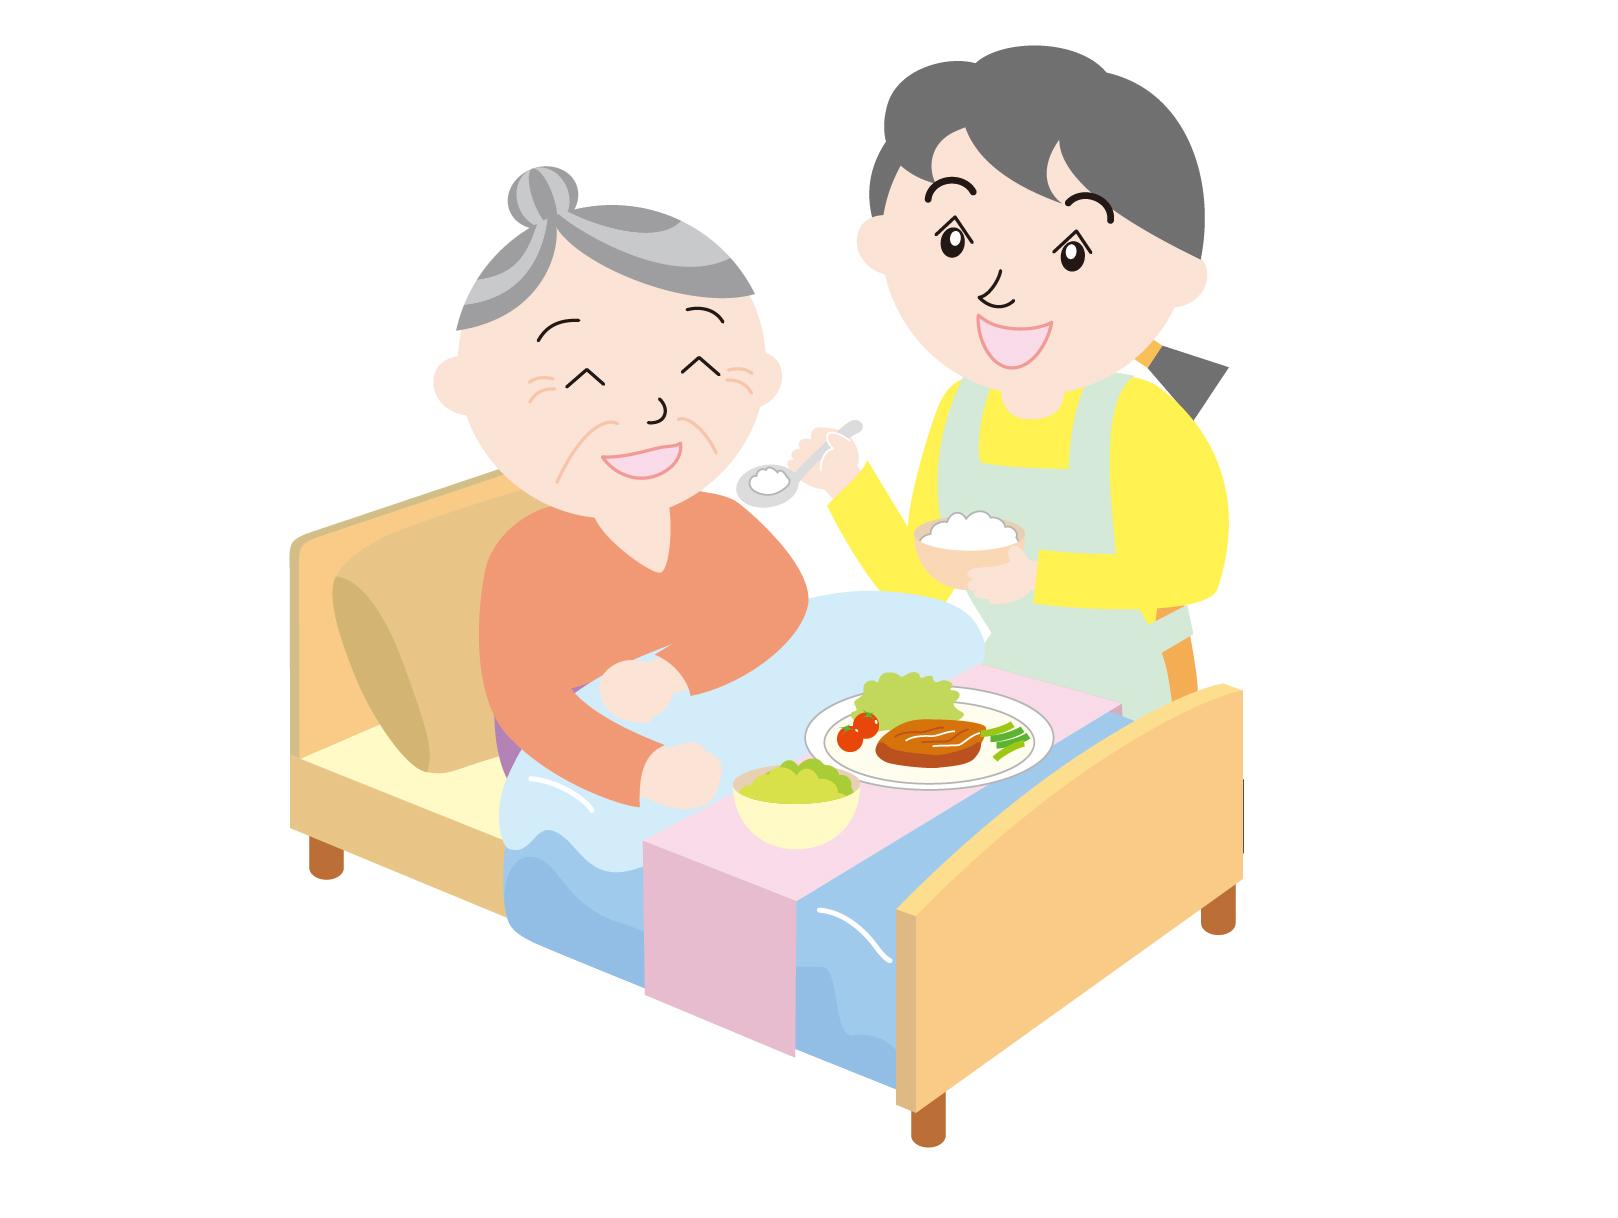 認知症は軽度ですが、寝たきりで訴えの多い高齢者に対する対応